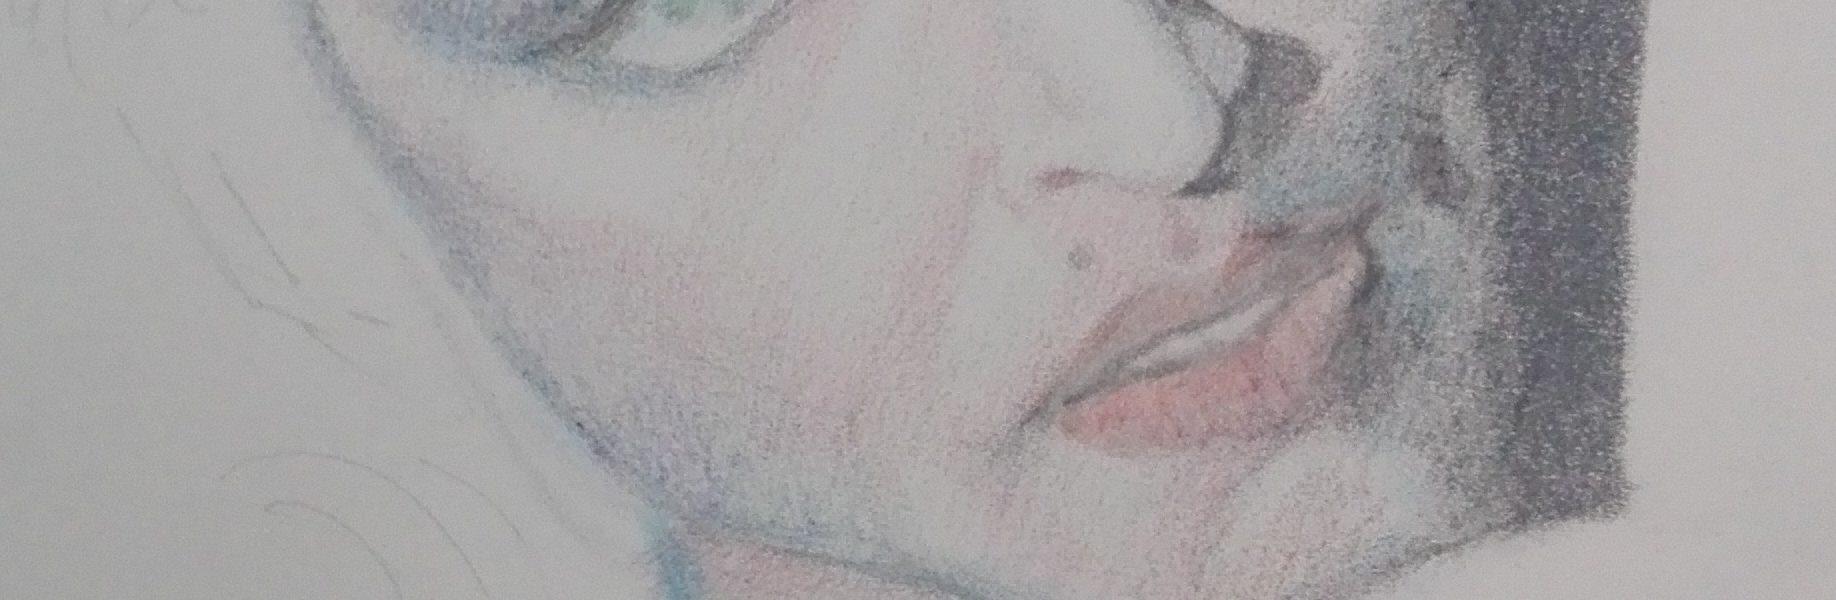 Sandro Ferrucci - grafite su carta - anno 1986 - ritratto di Madonna dettaglio da blocco schizzi